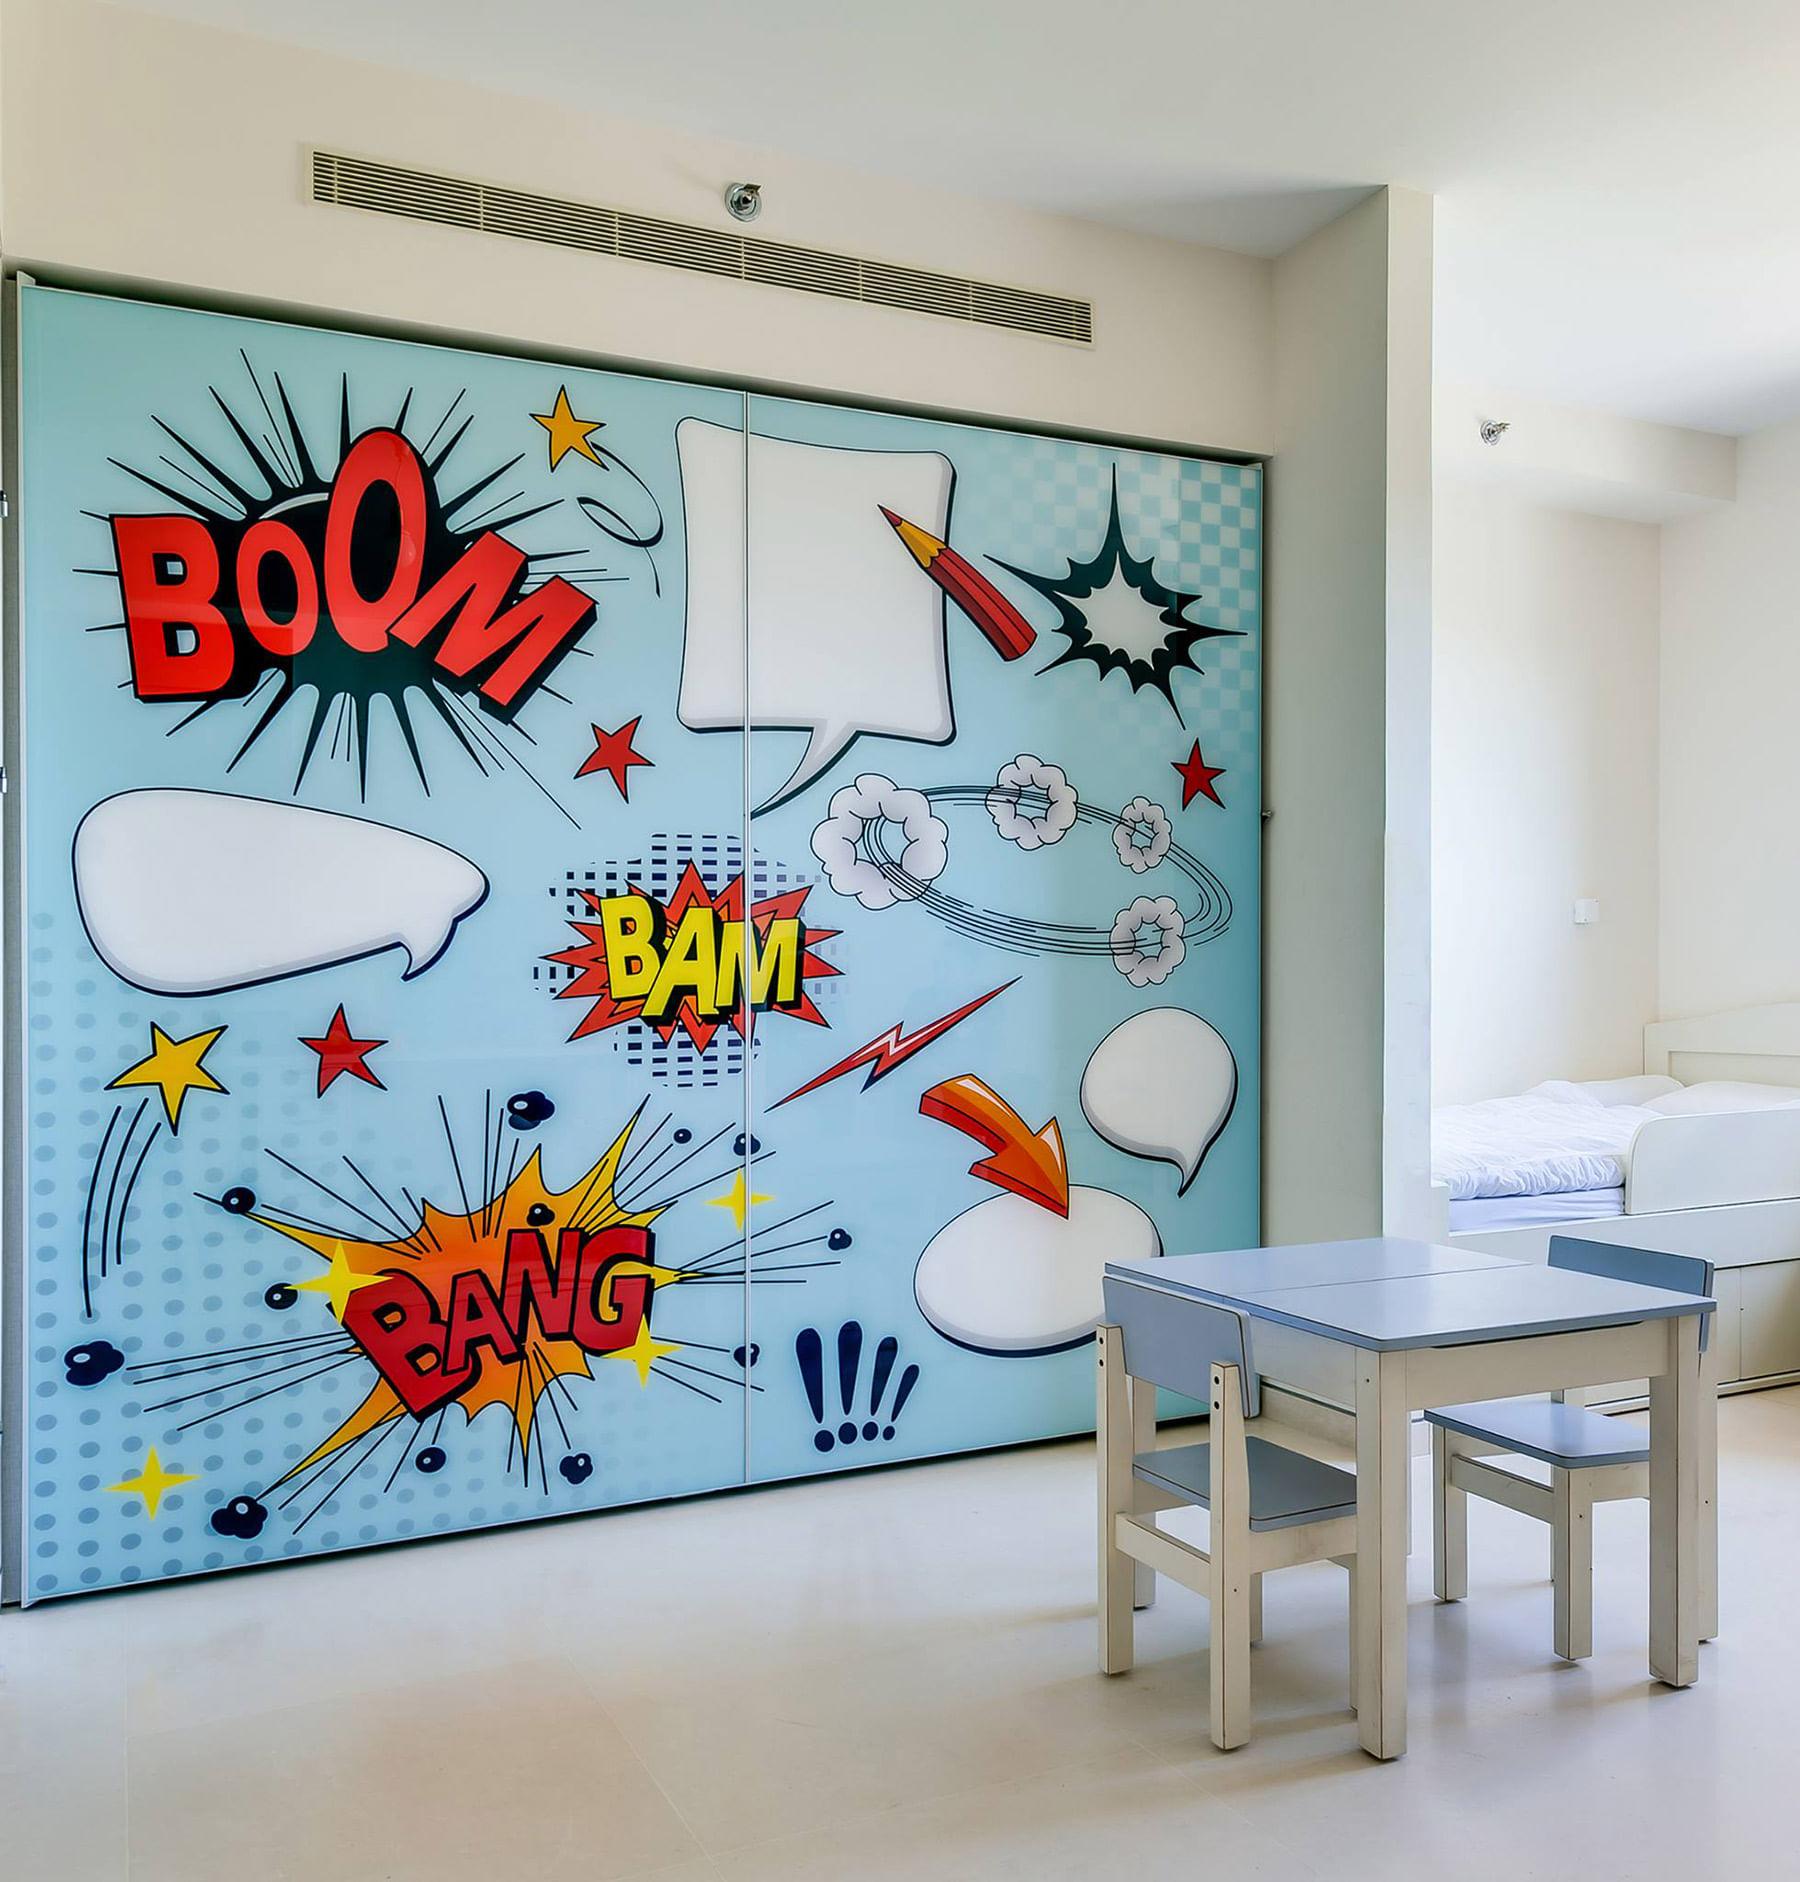 ארון הזזה 2 דלתות עם הדפס תכלת בסגנון קומיקס